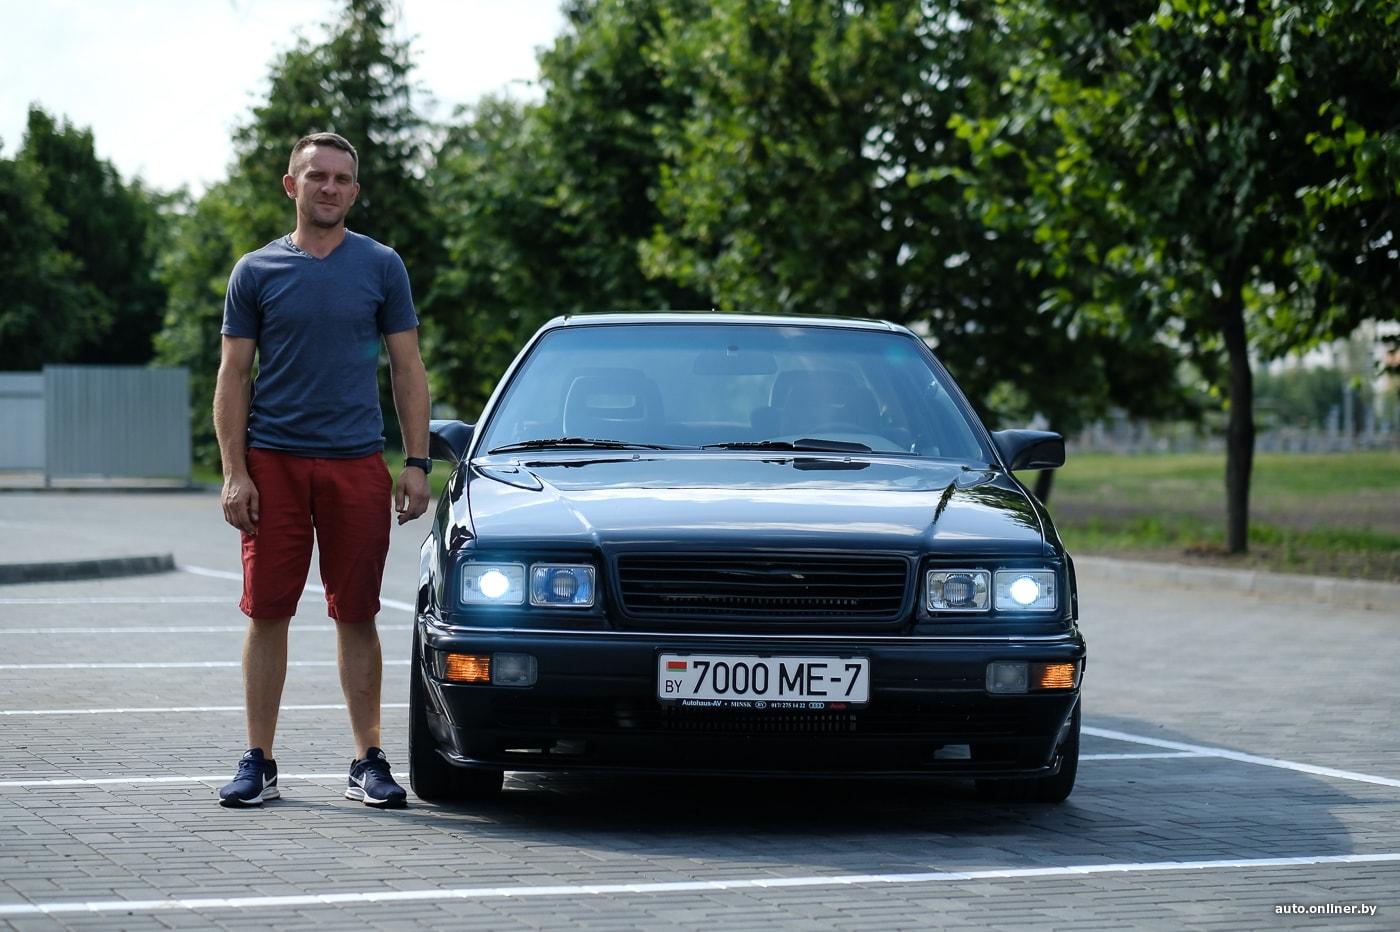 Франкенштейн. Минчанин делает из Audi 200 спорткар с 400-сильным мотором и оптикой от Neoplan (23 фото)